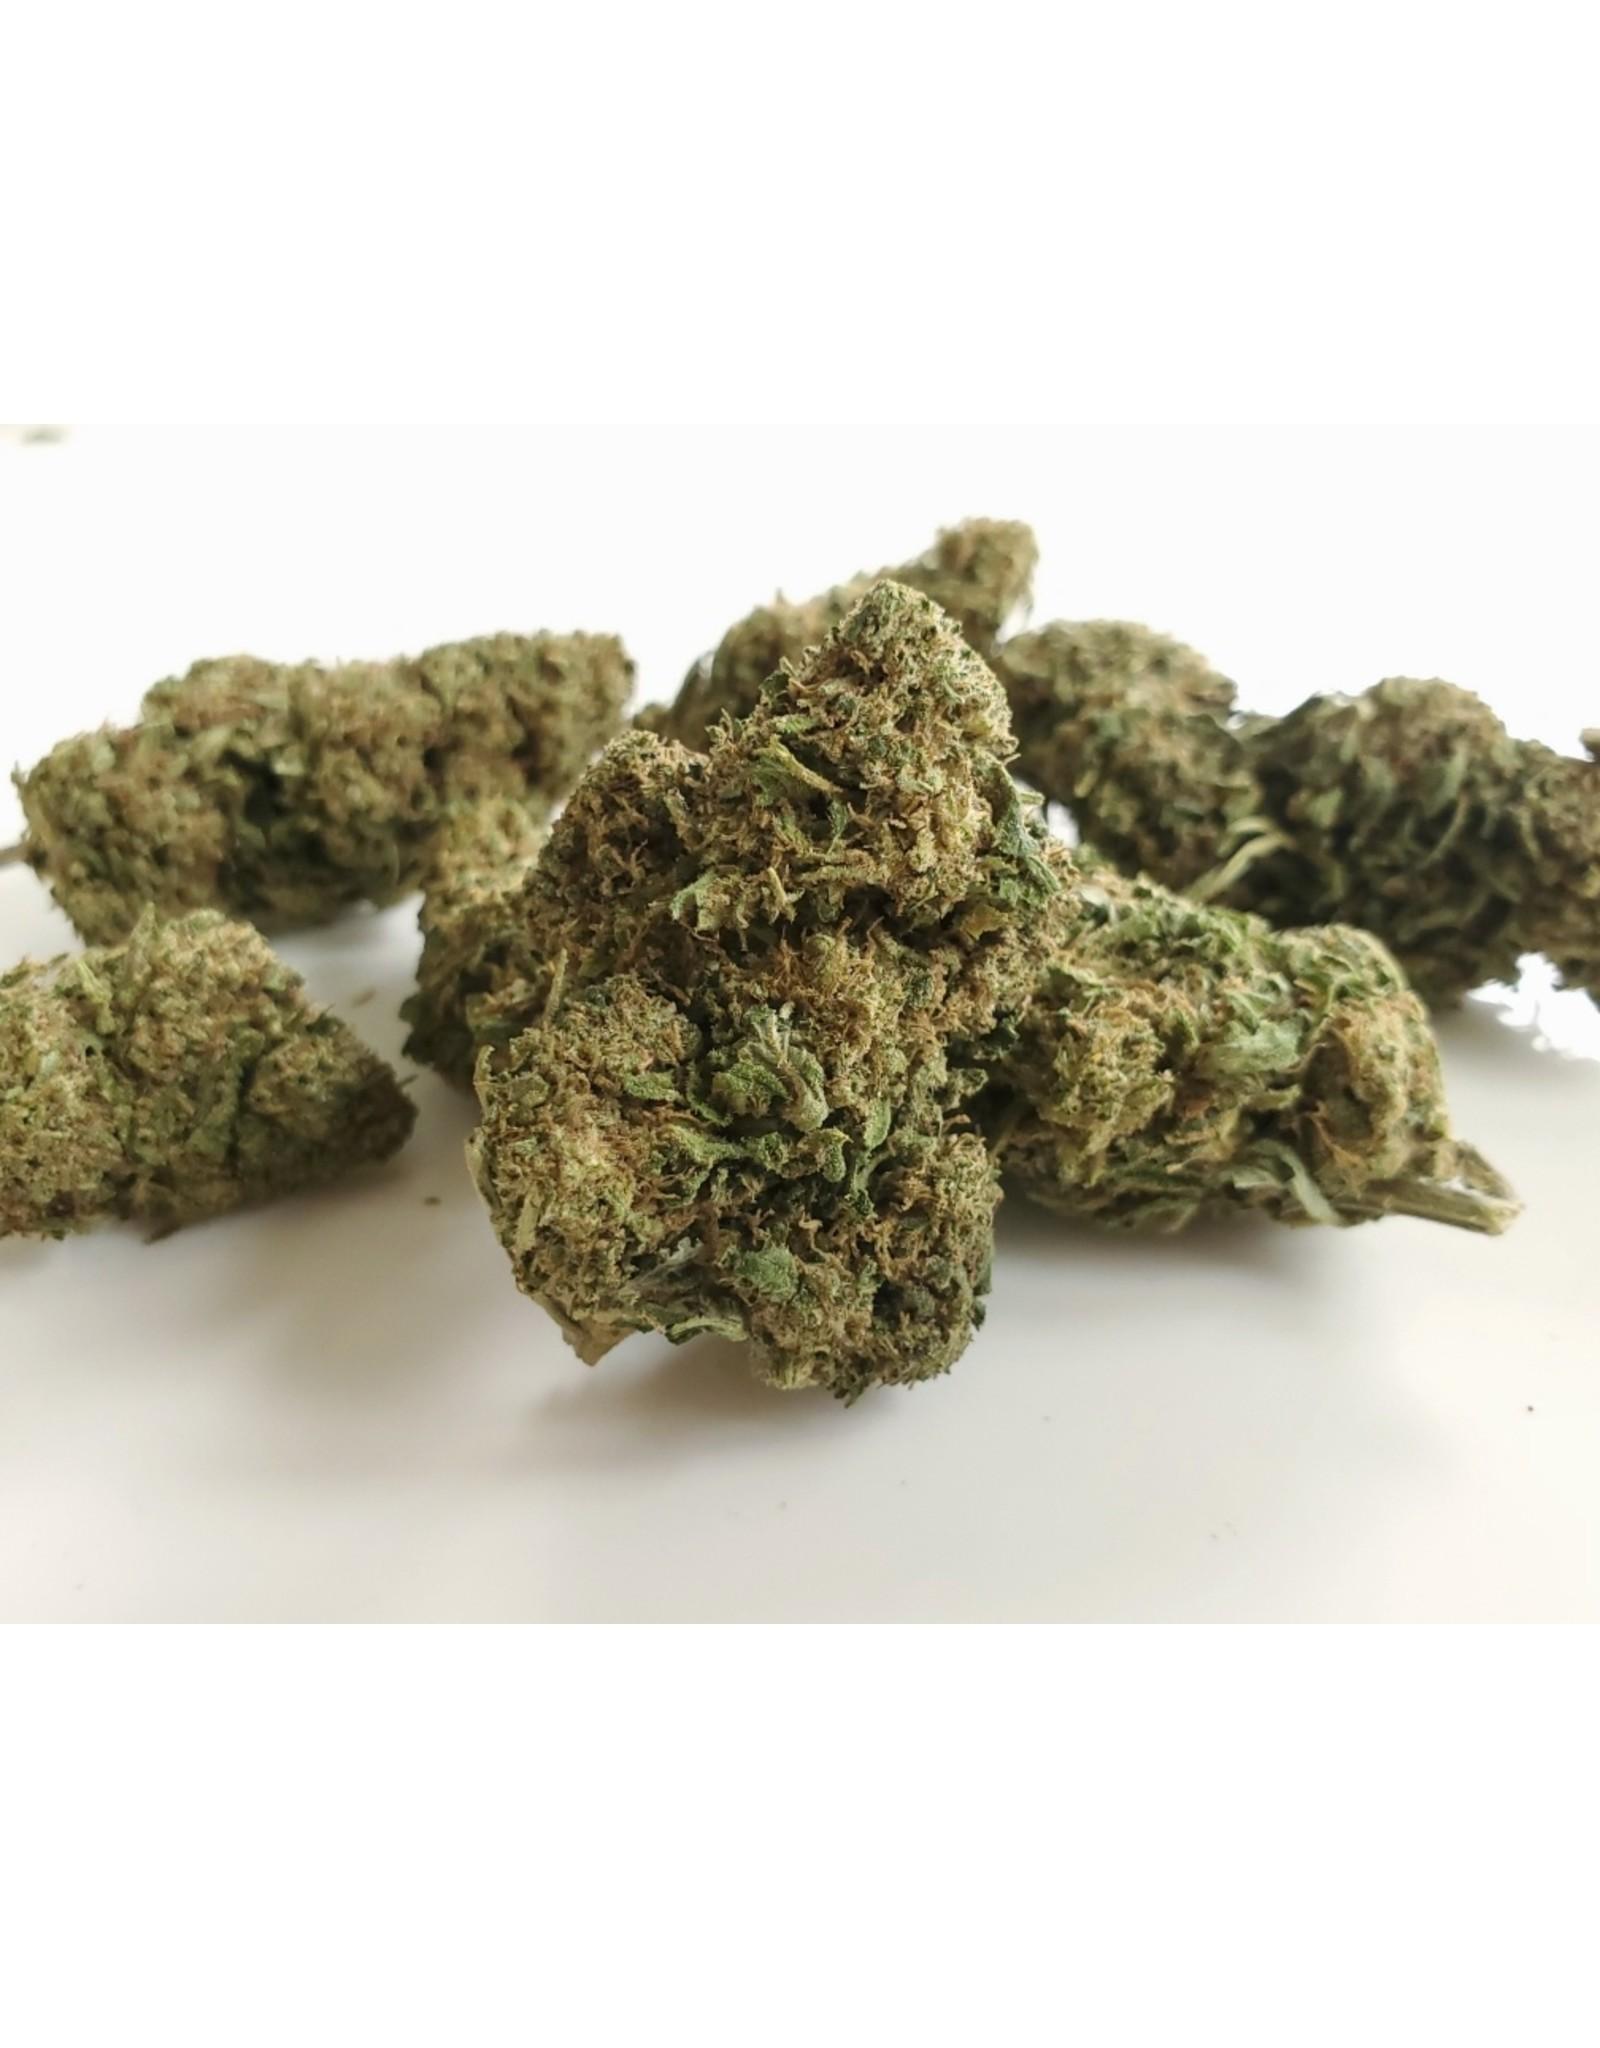 d8 fresh flower 3.5 grams